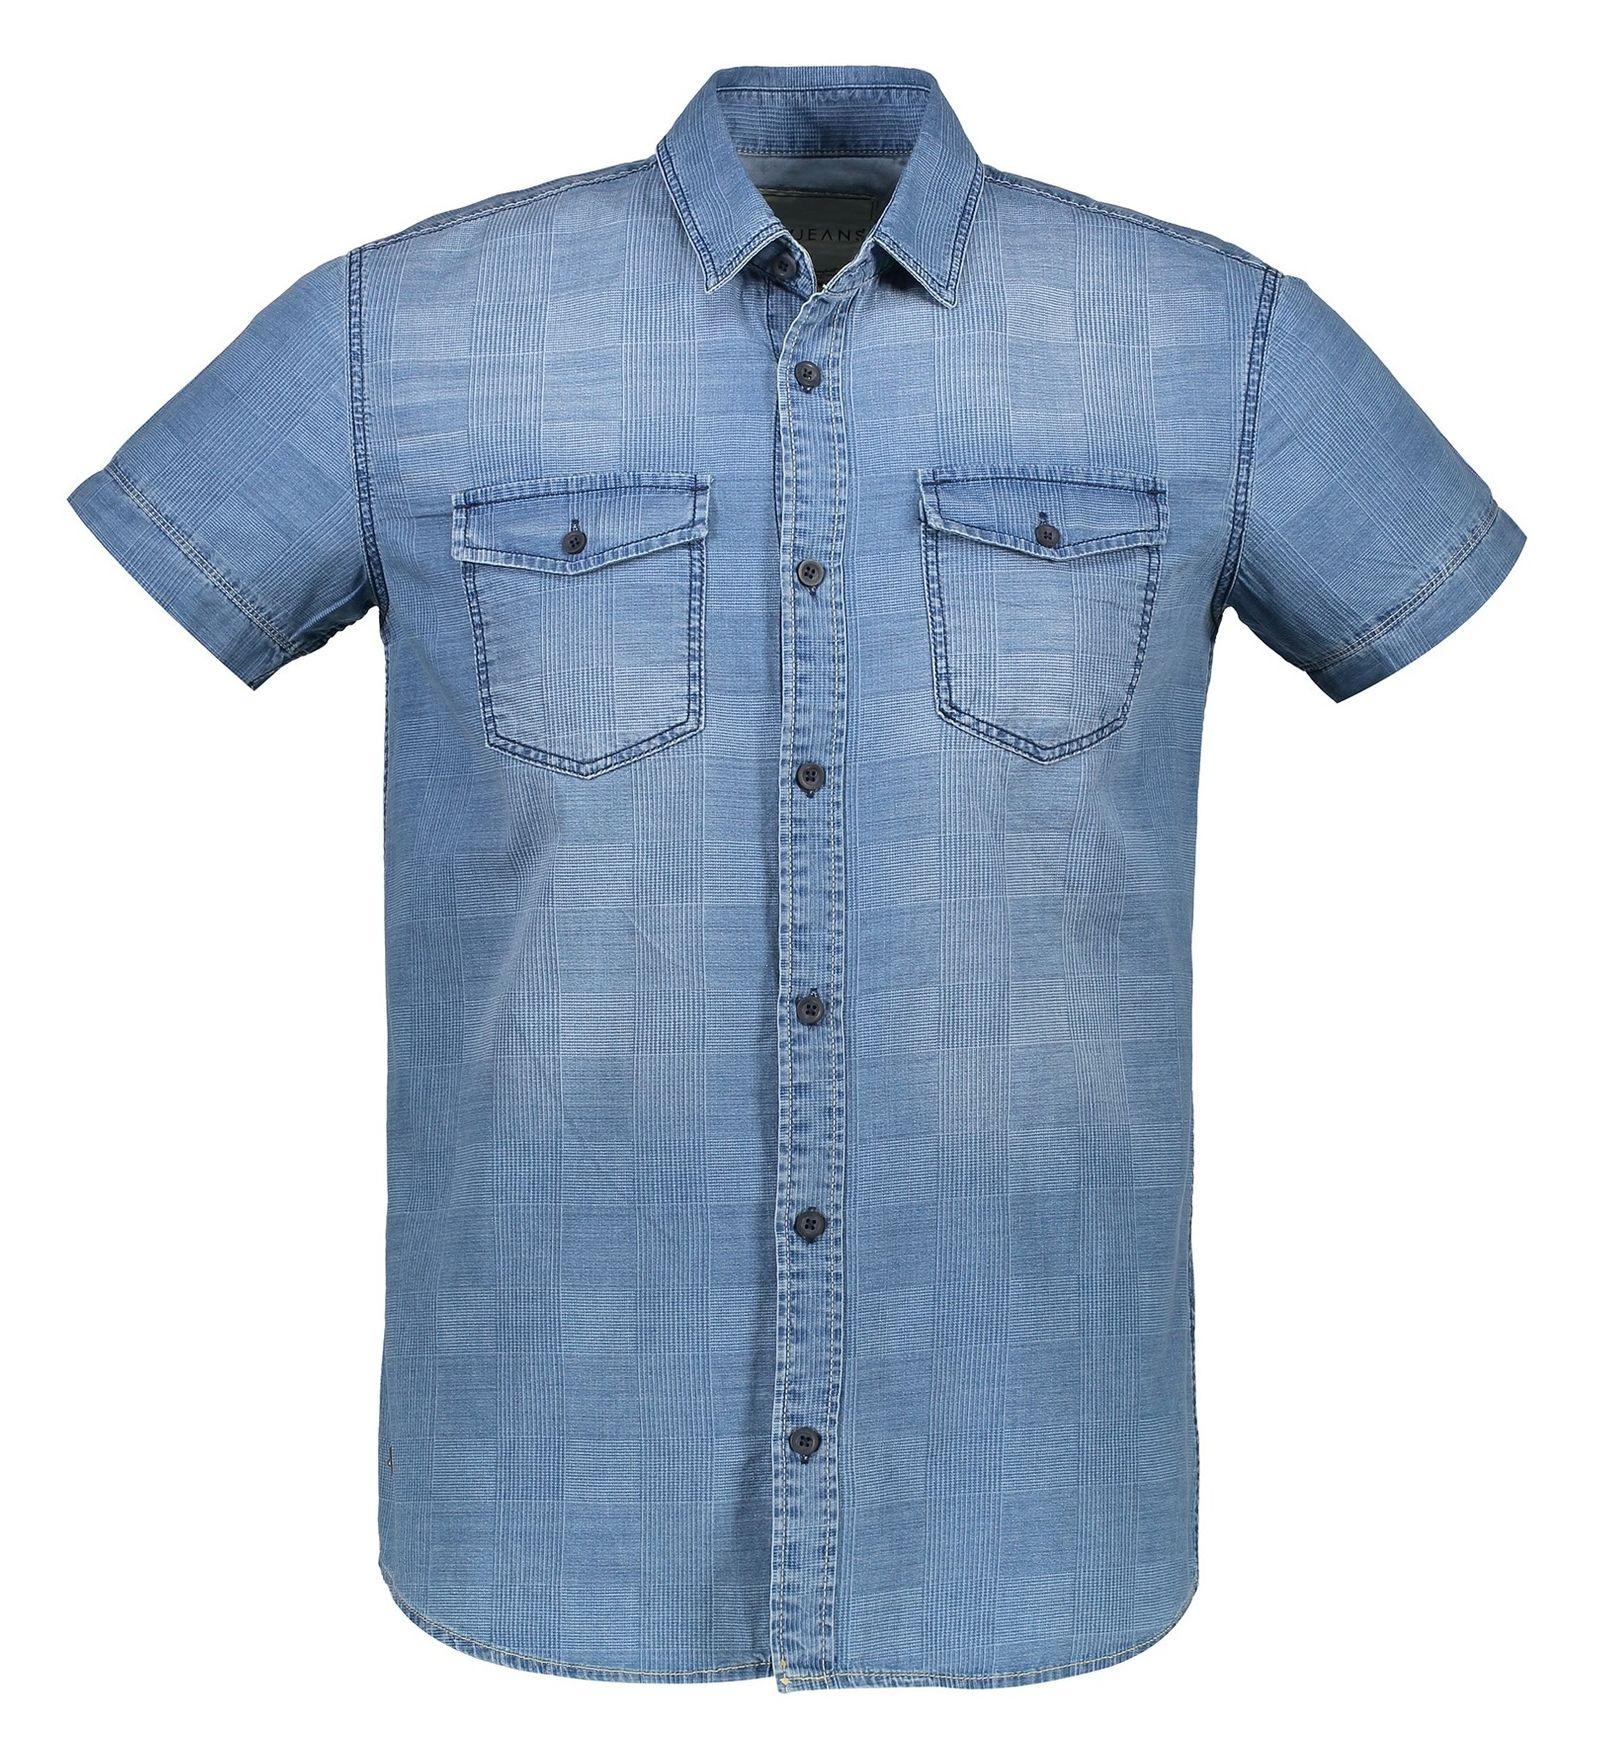 پیراهن جین آستین کوتاه مردانه - ال سی وایکیکی - آبي - 1